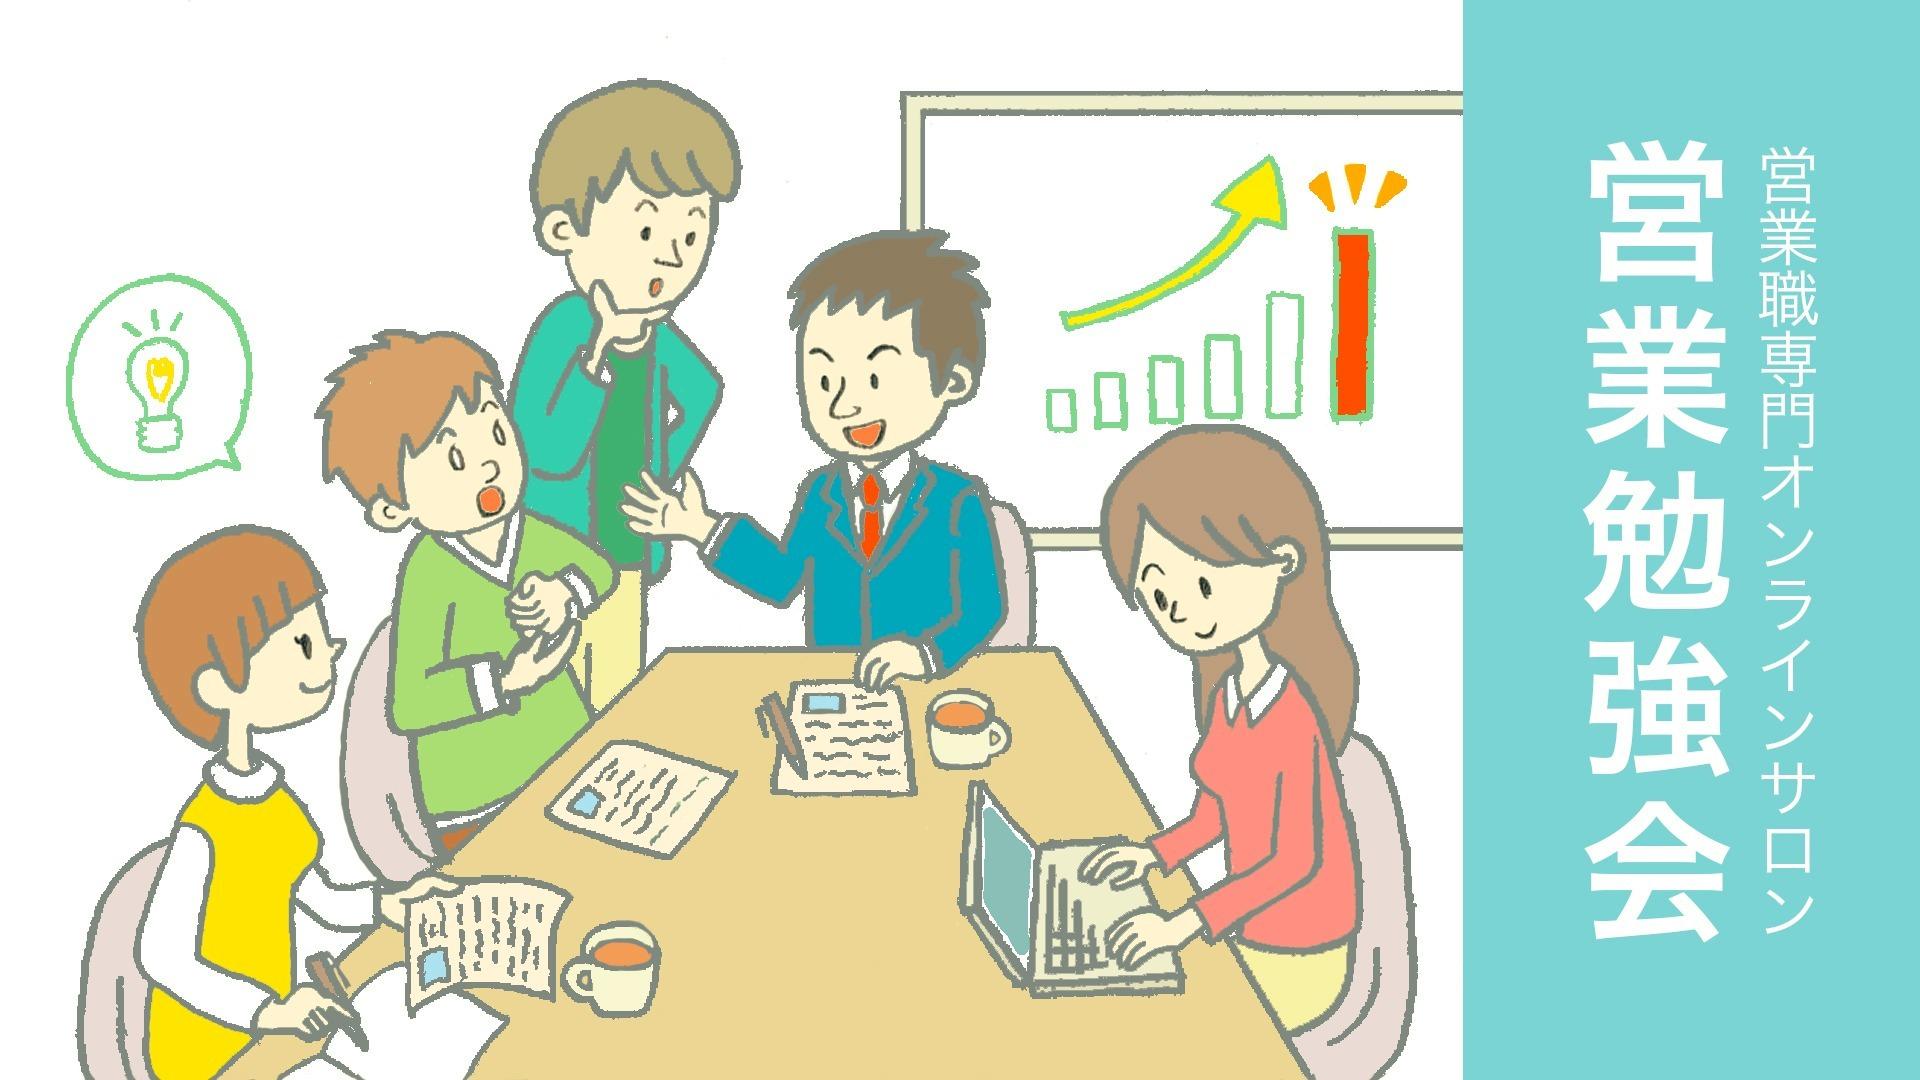 【営業勉強会】どうやって時間を作るか、時間管理の方法のコツとは